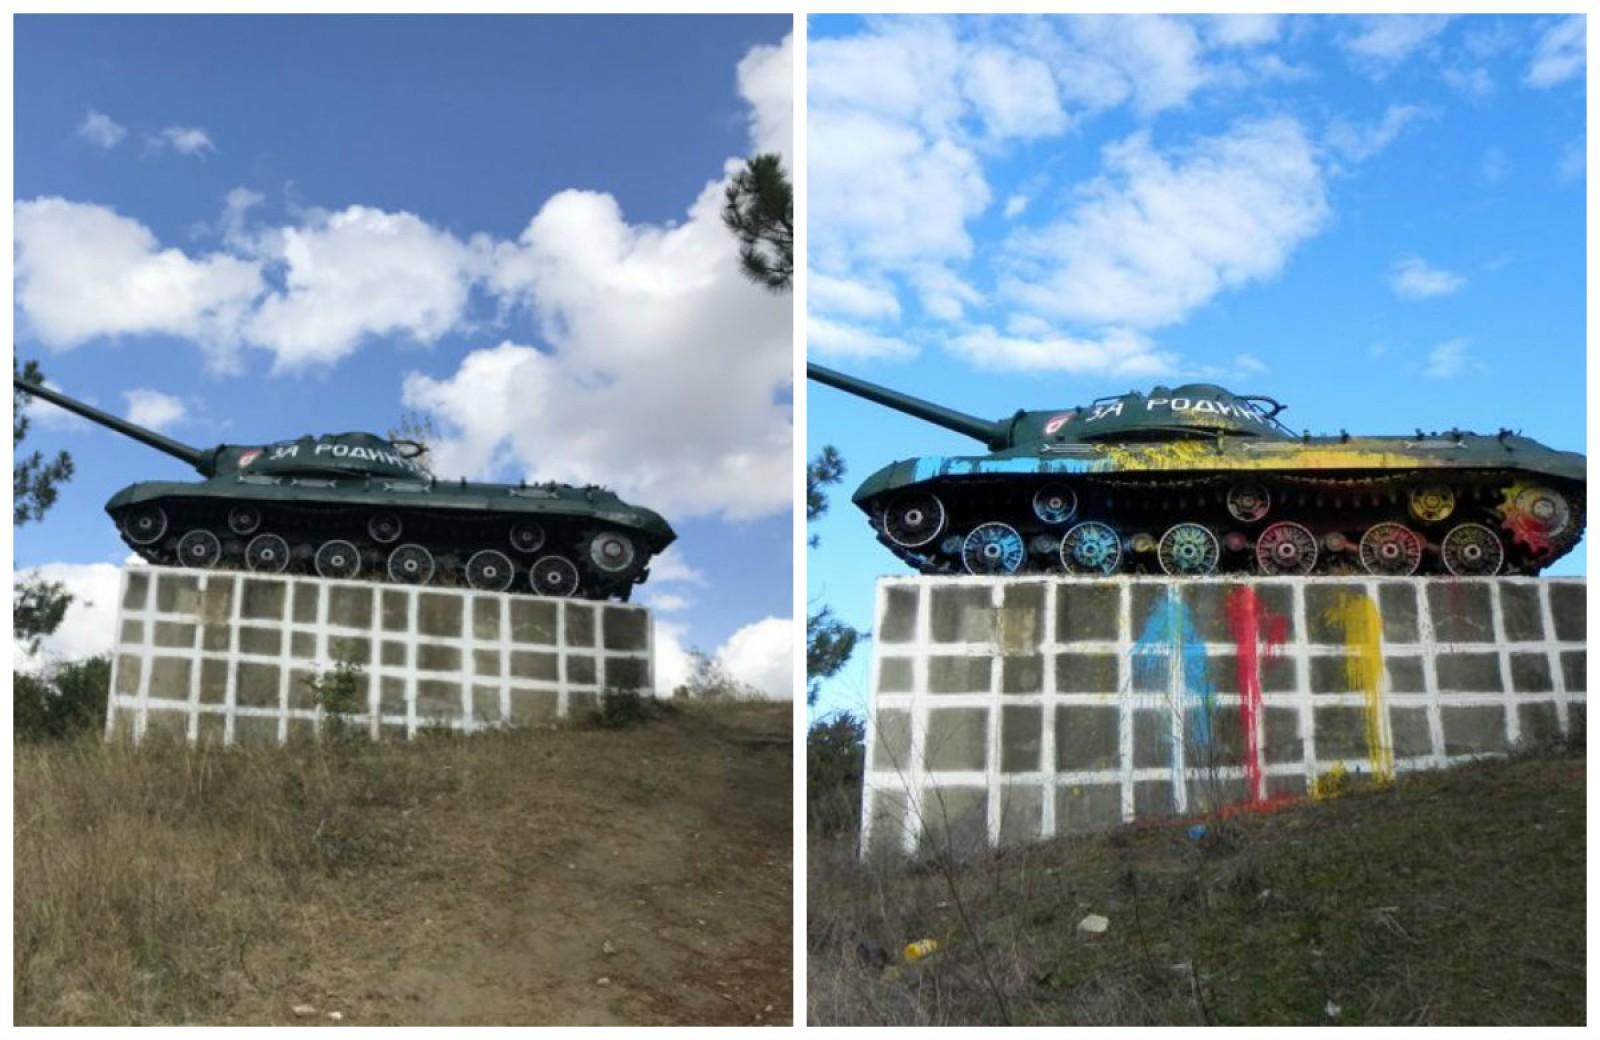 Reacția socialiștilor la tricolor de pe tancul de la Cornești: Au făcut interpelare la poliție